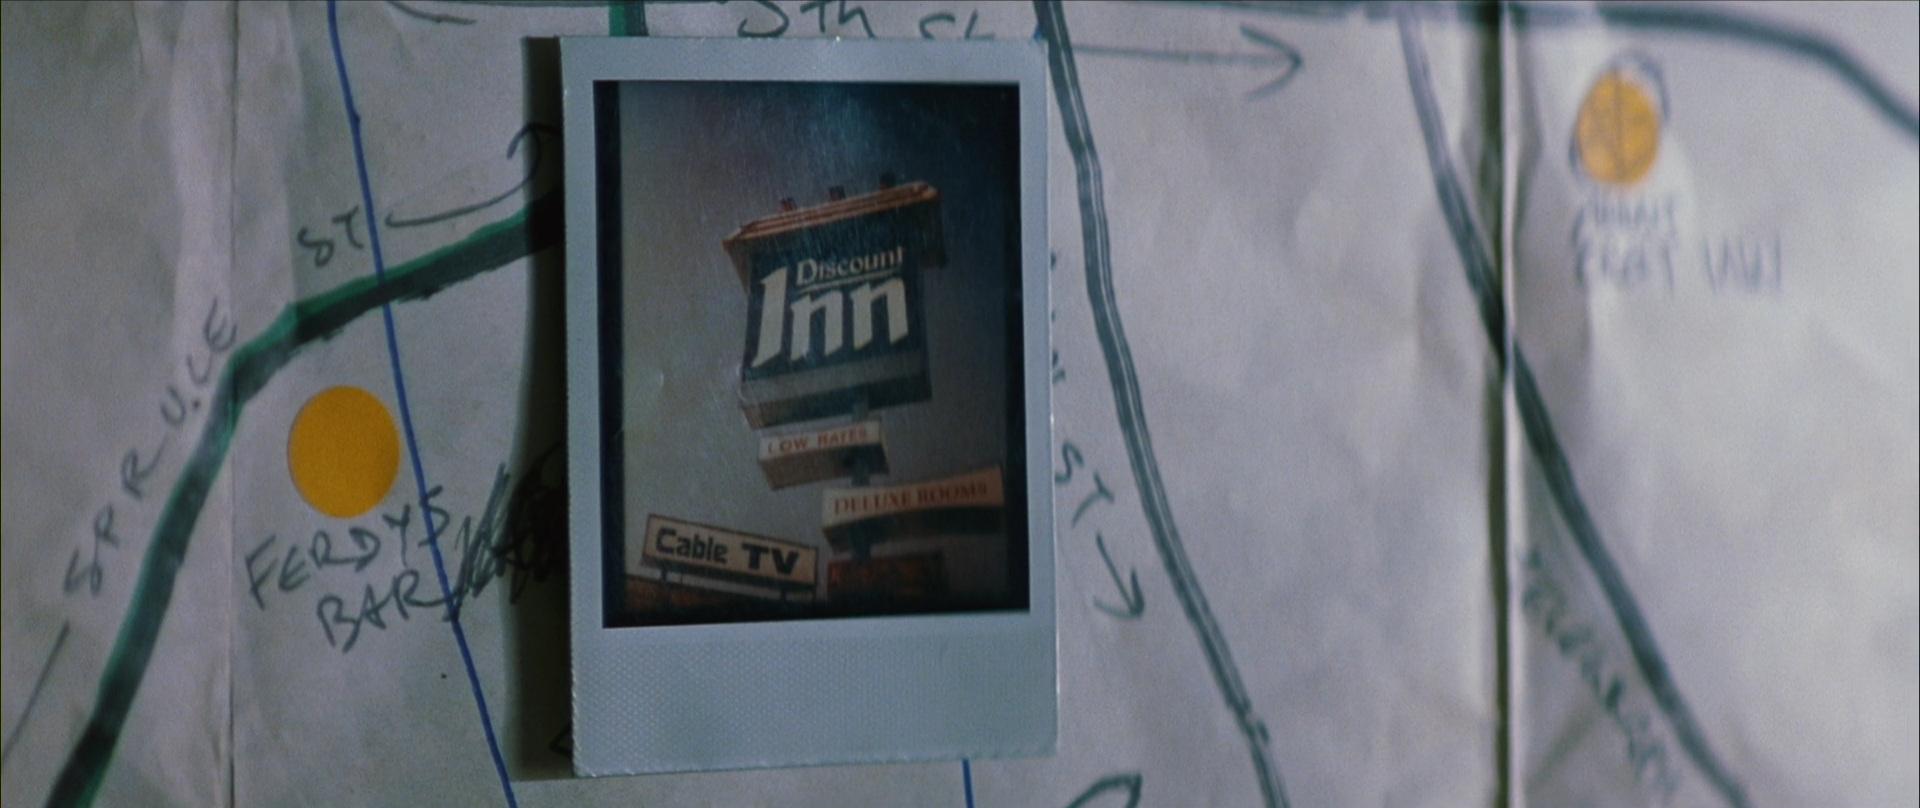 Memento  (dir. Christopher Nolan, 2000)